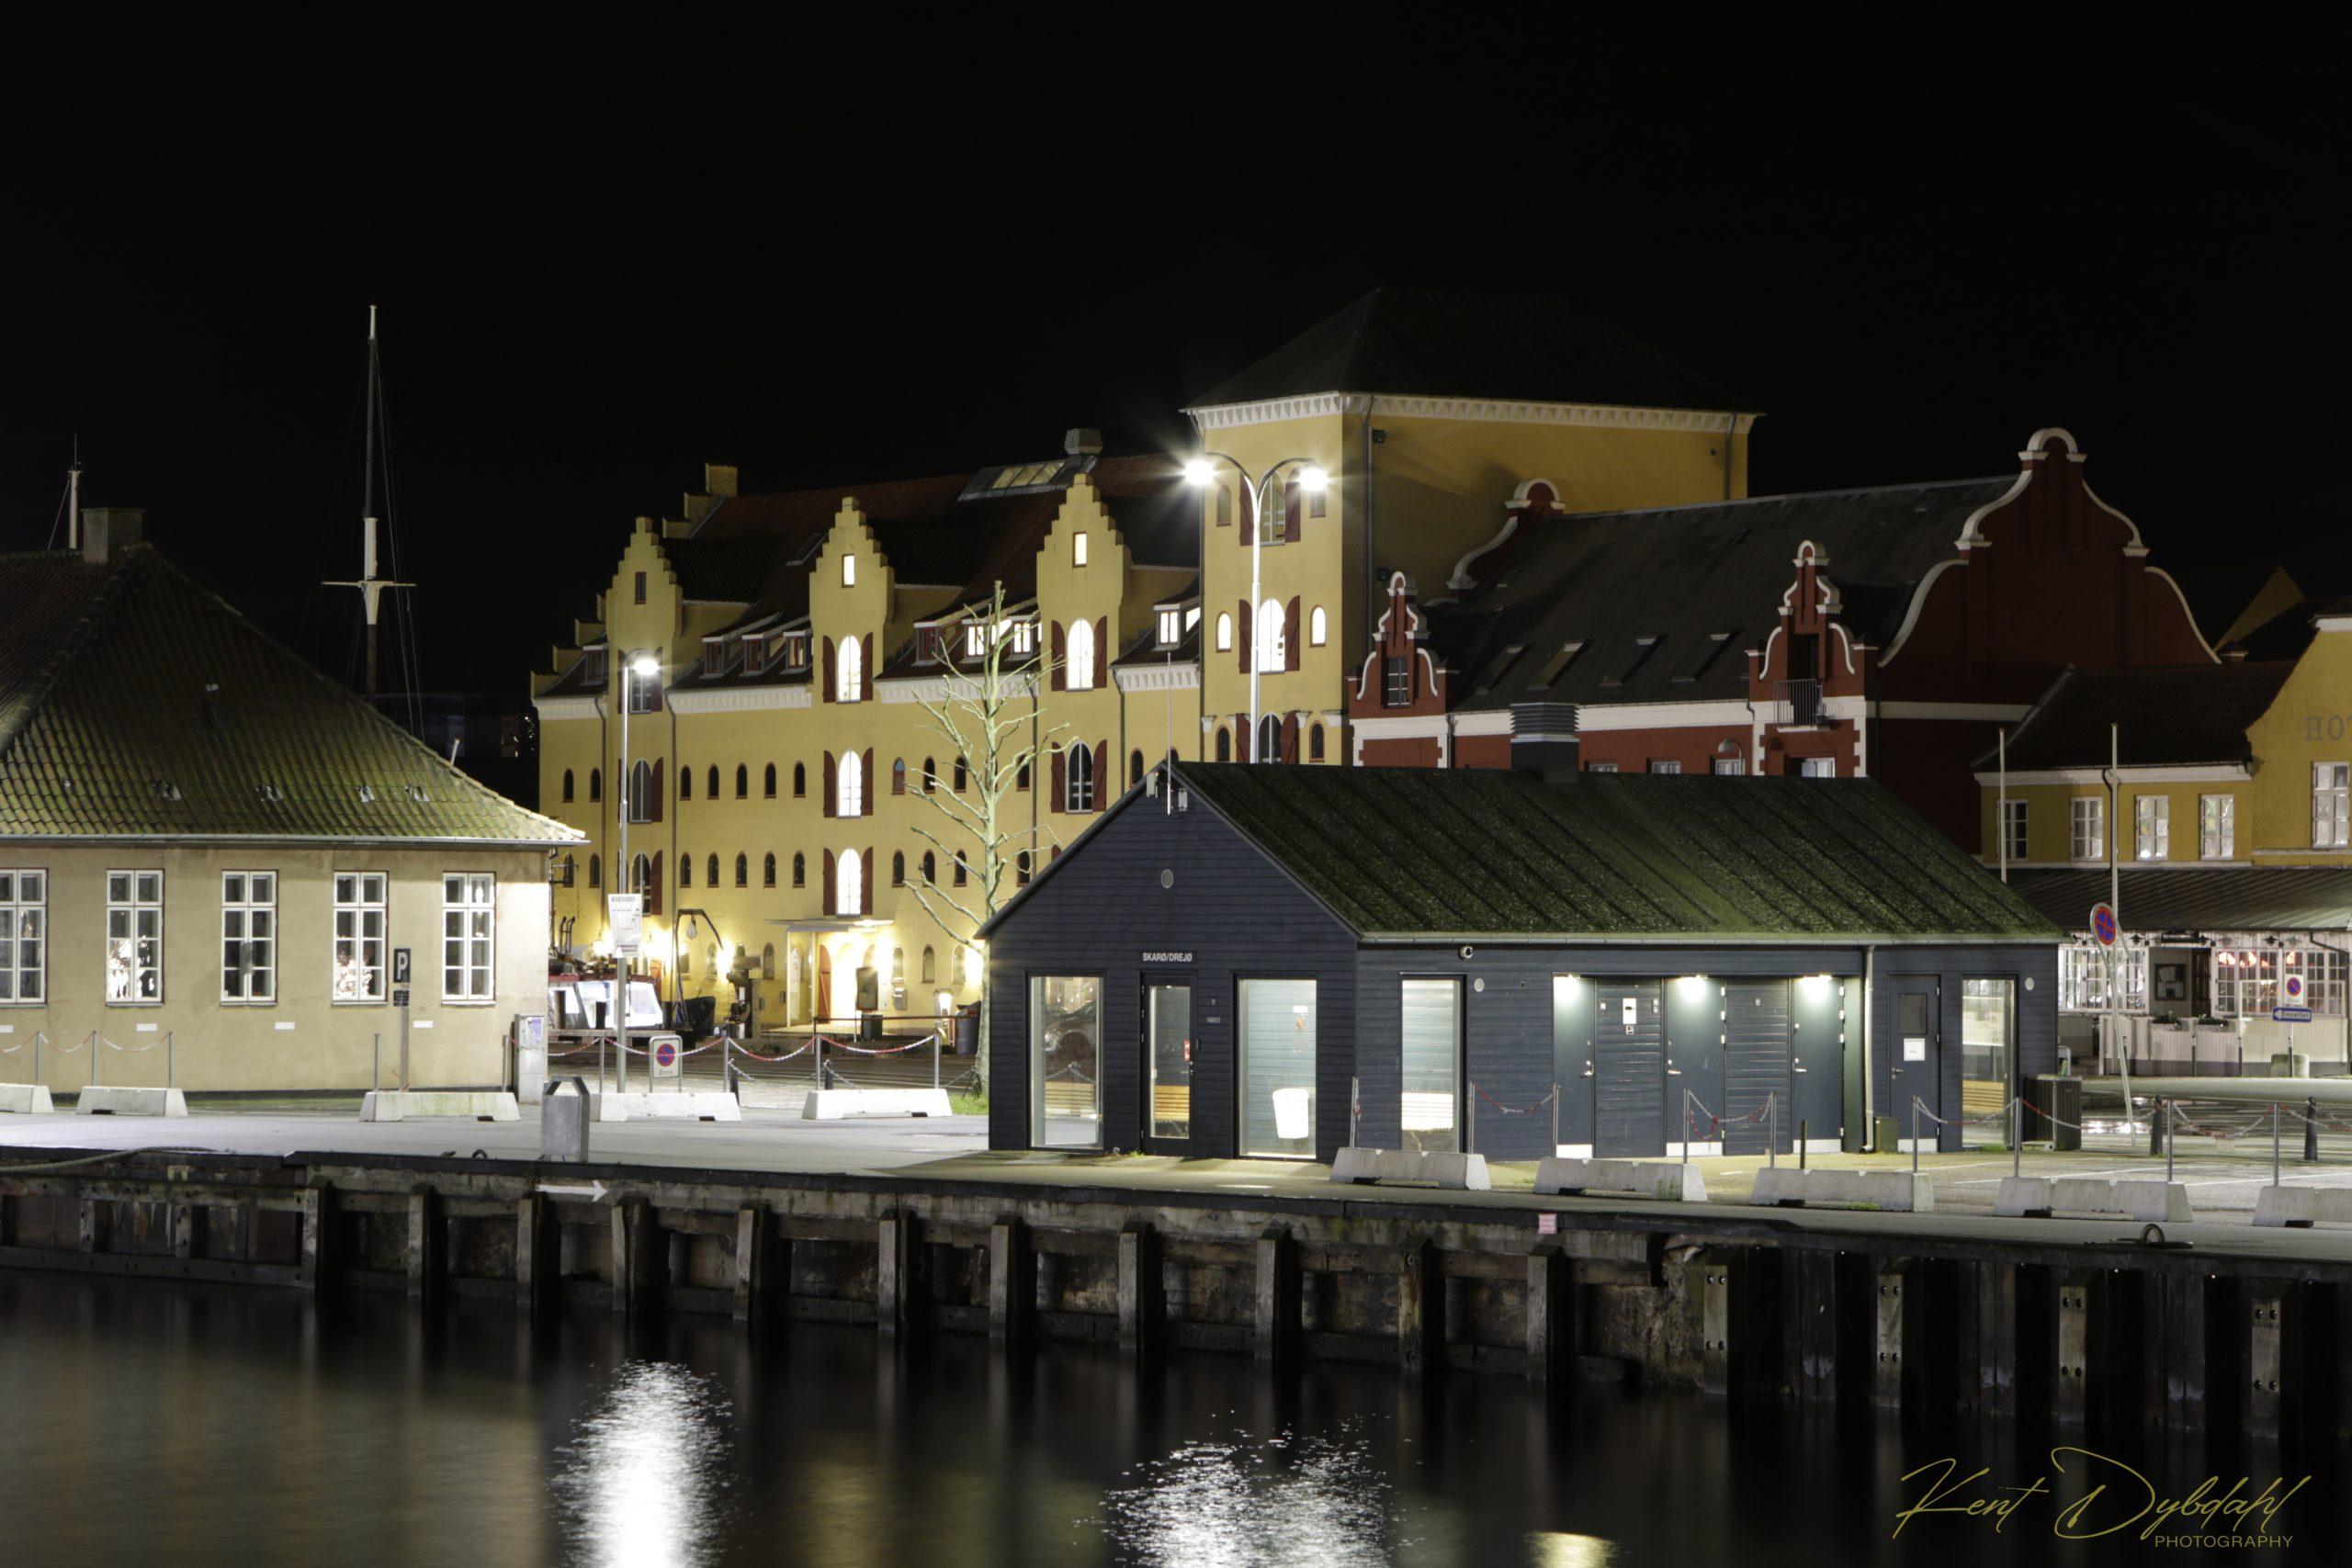 © Fotos Kultur dybdahls.dk6